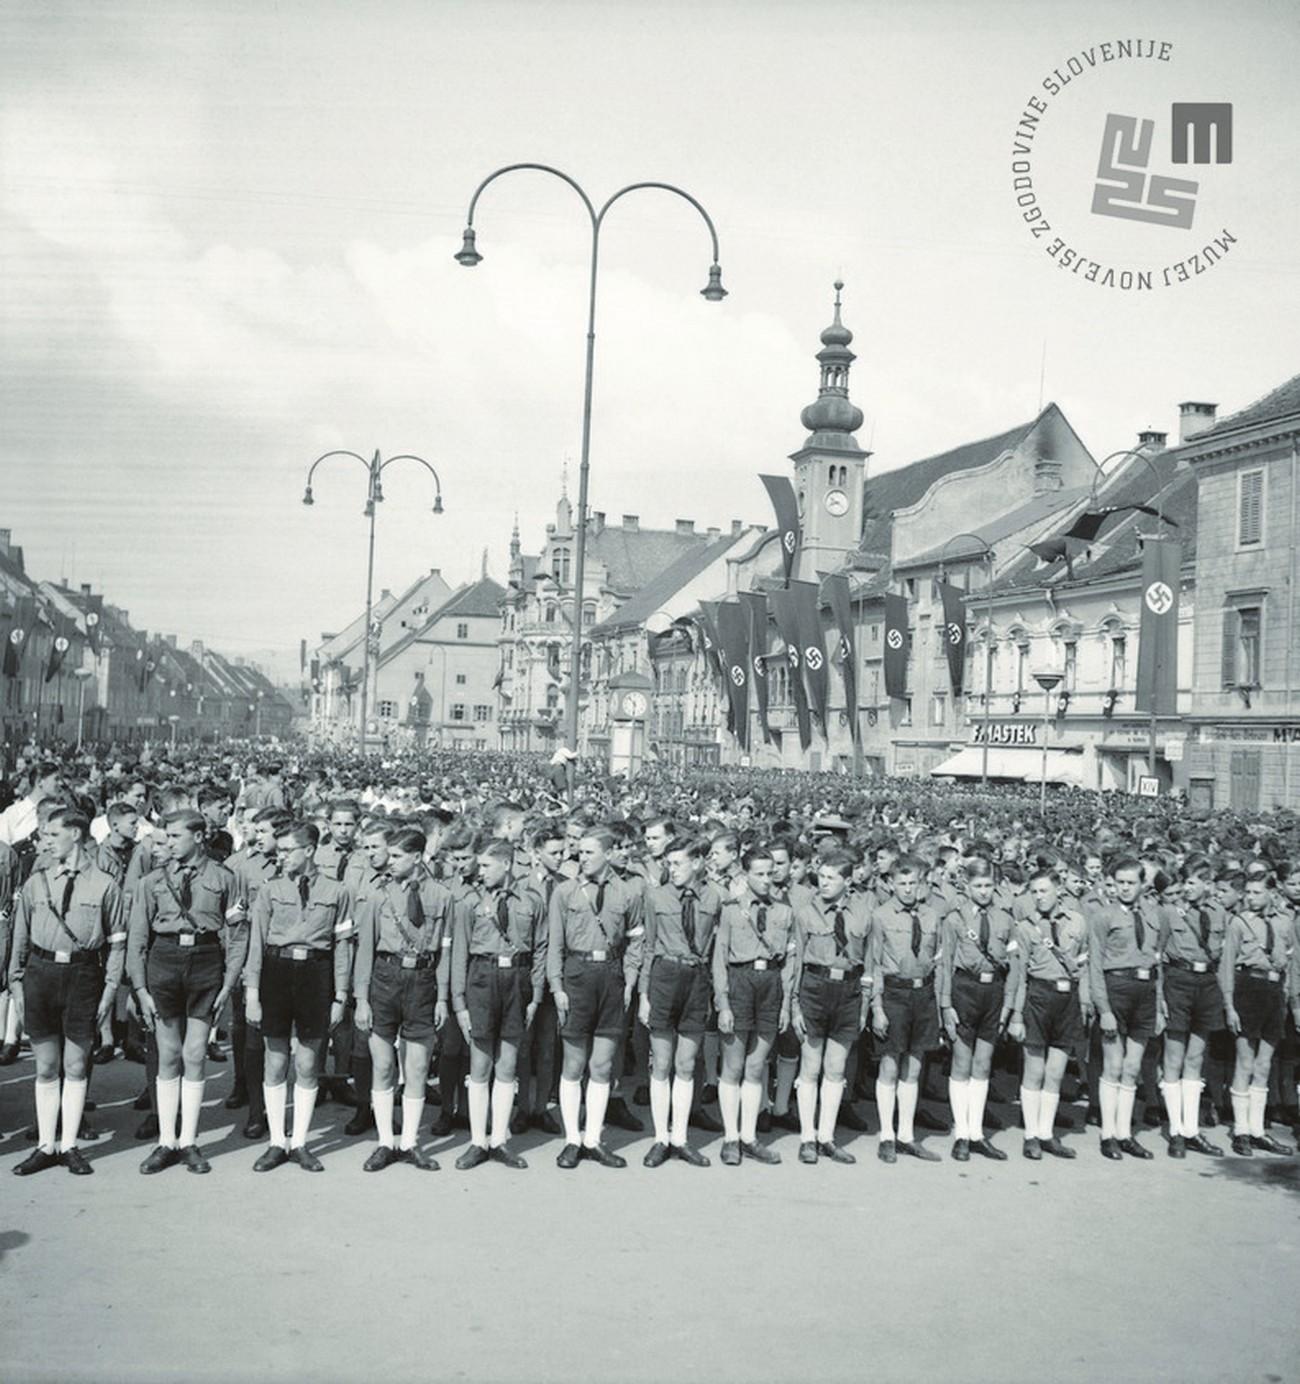 Proslava obletnice okupacije Maribora, zborovanje na Glavnem trgu (Adolf Hitler Platz), Maribor, 12. april 1942. Foto: Veit, fotografijo hrani MNZS.